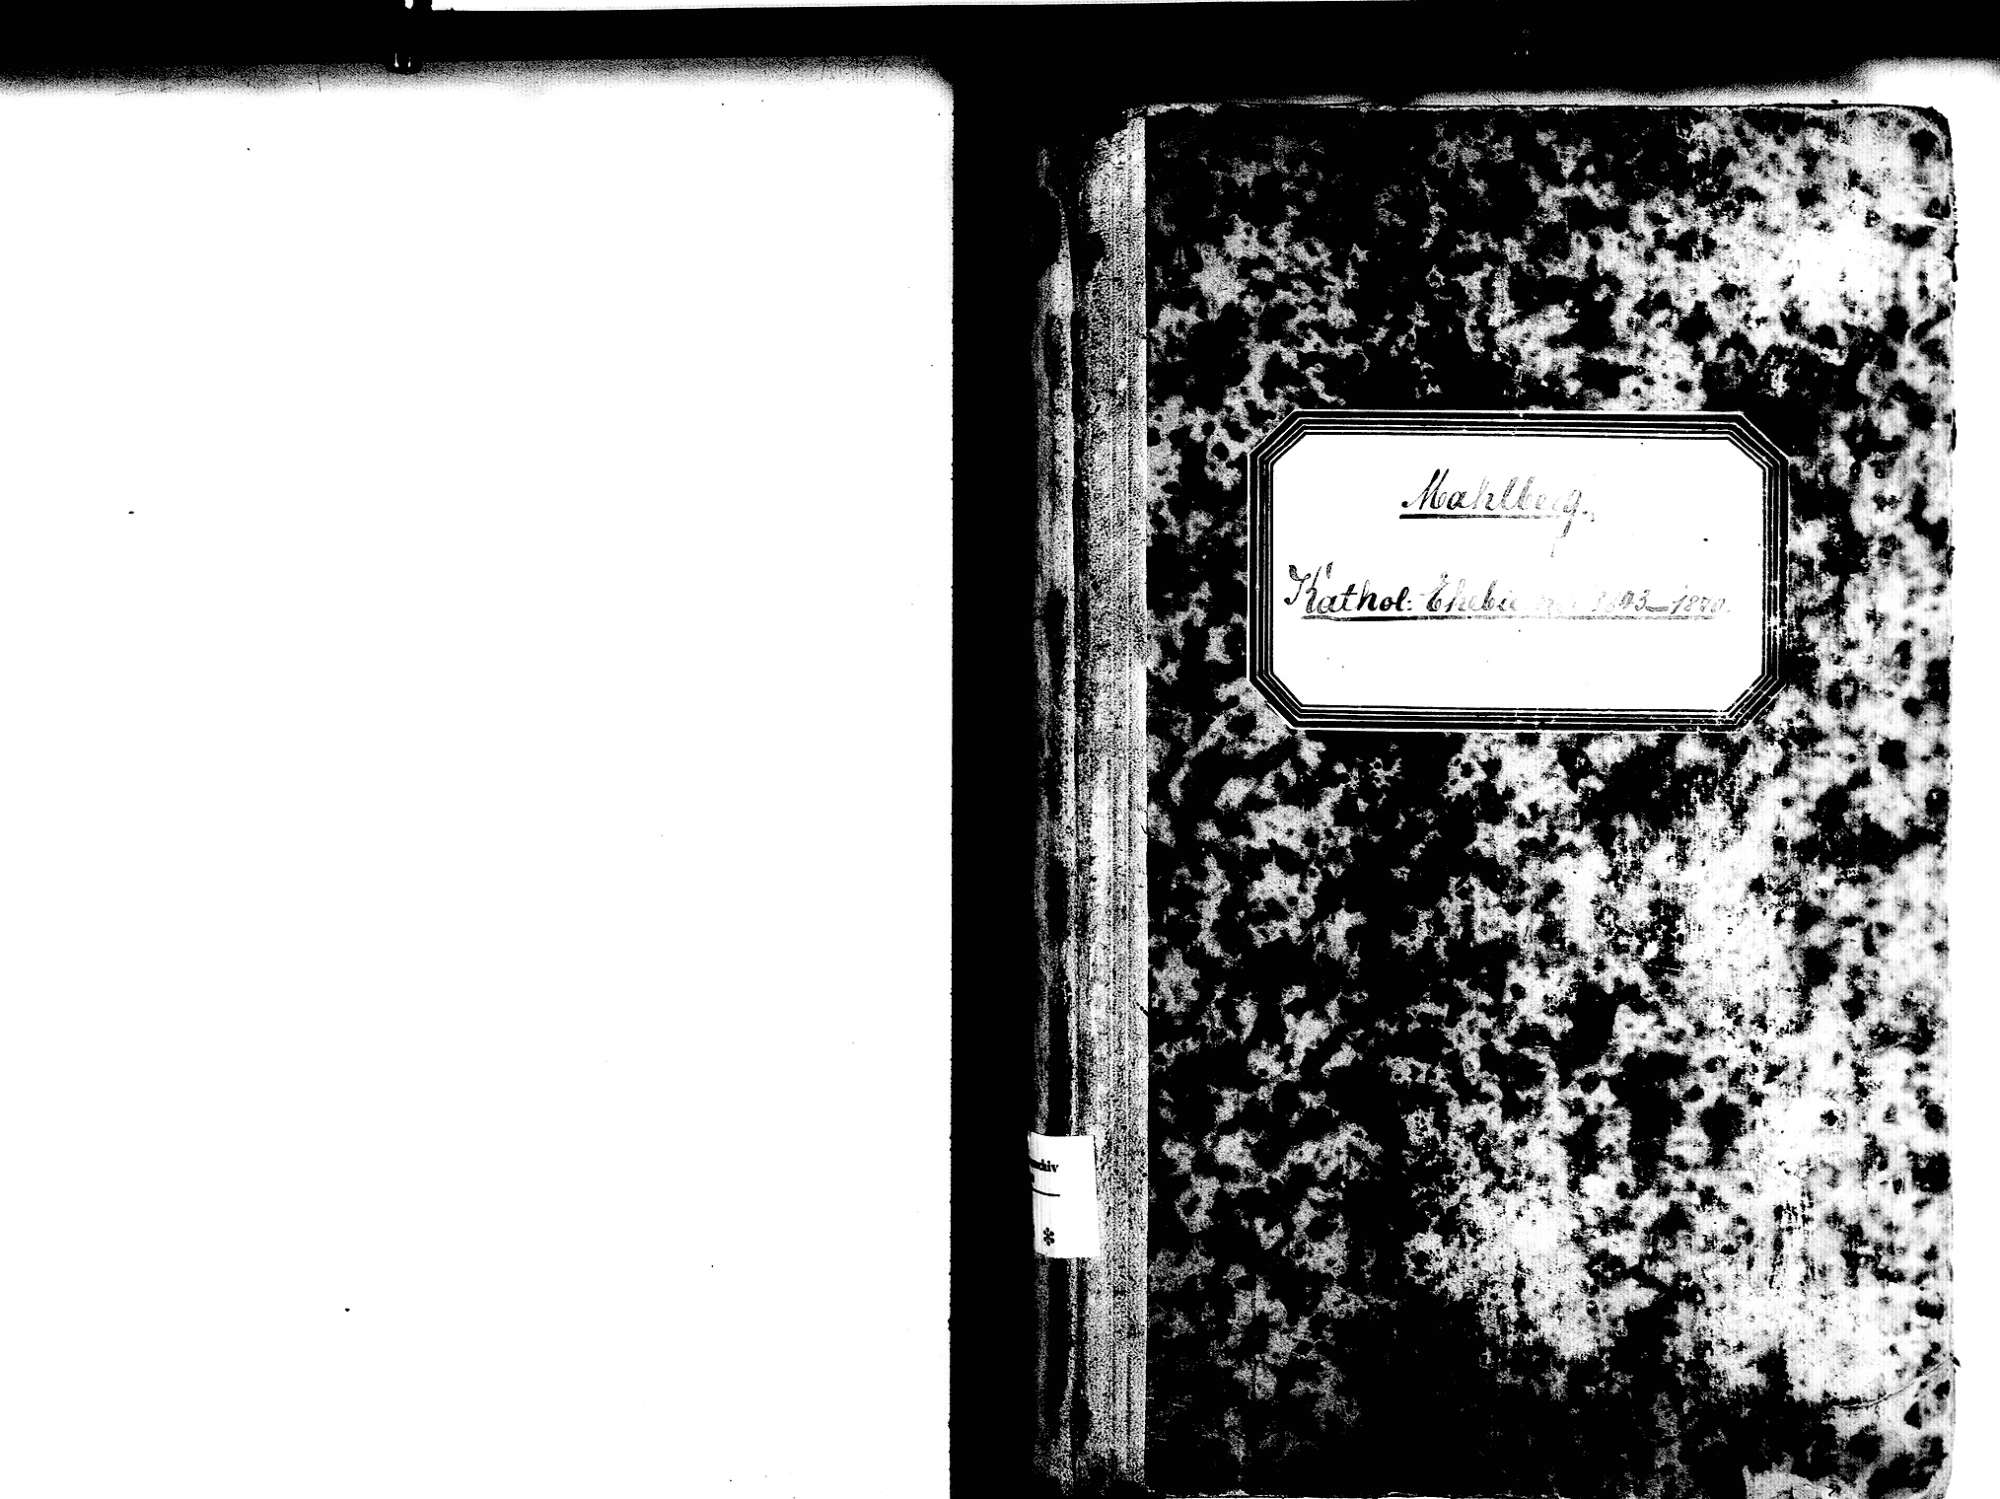 Mahlberg OG; Katholische Gemeinde: Heiratsbuch 1843-1870, Bild 2